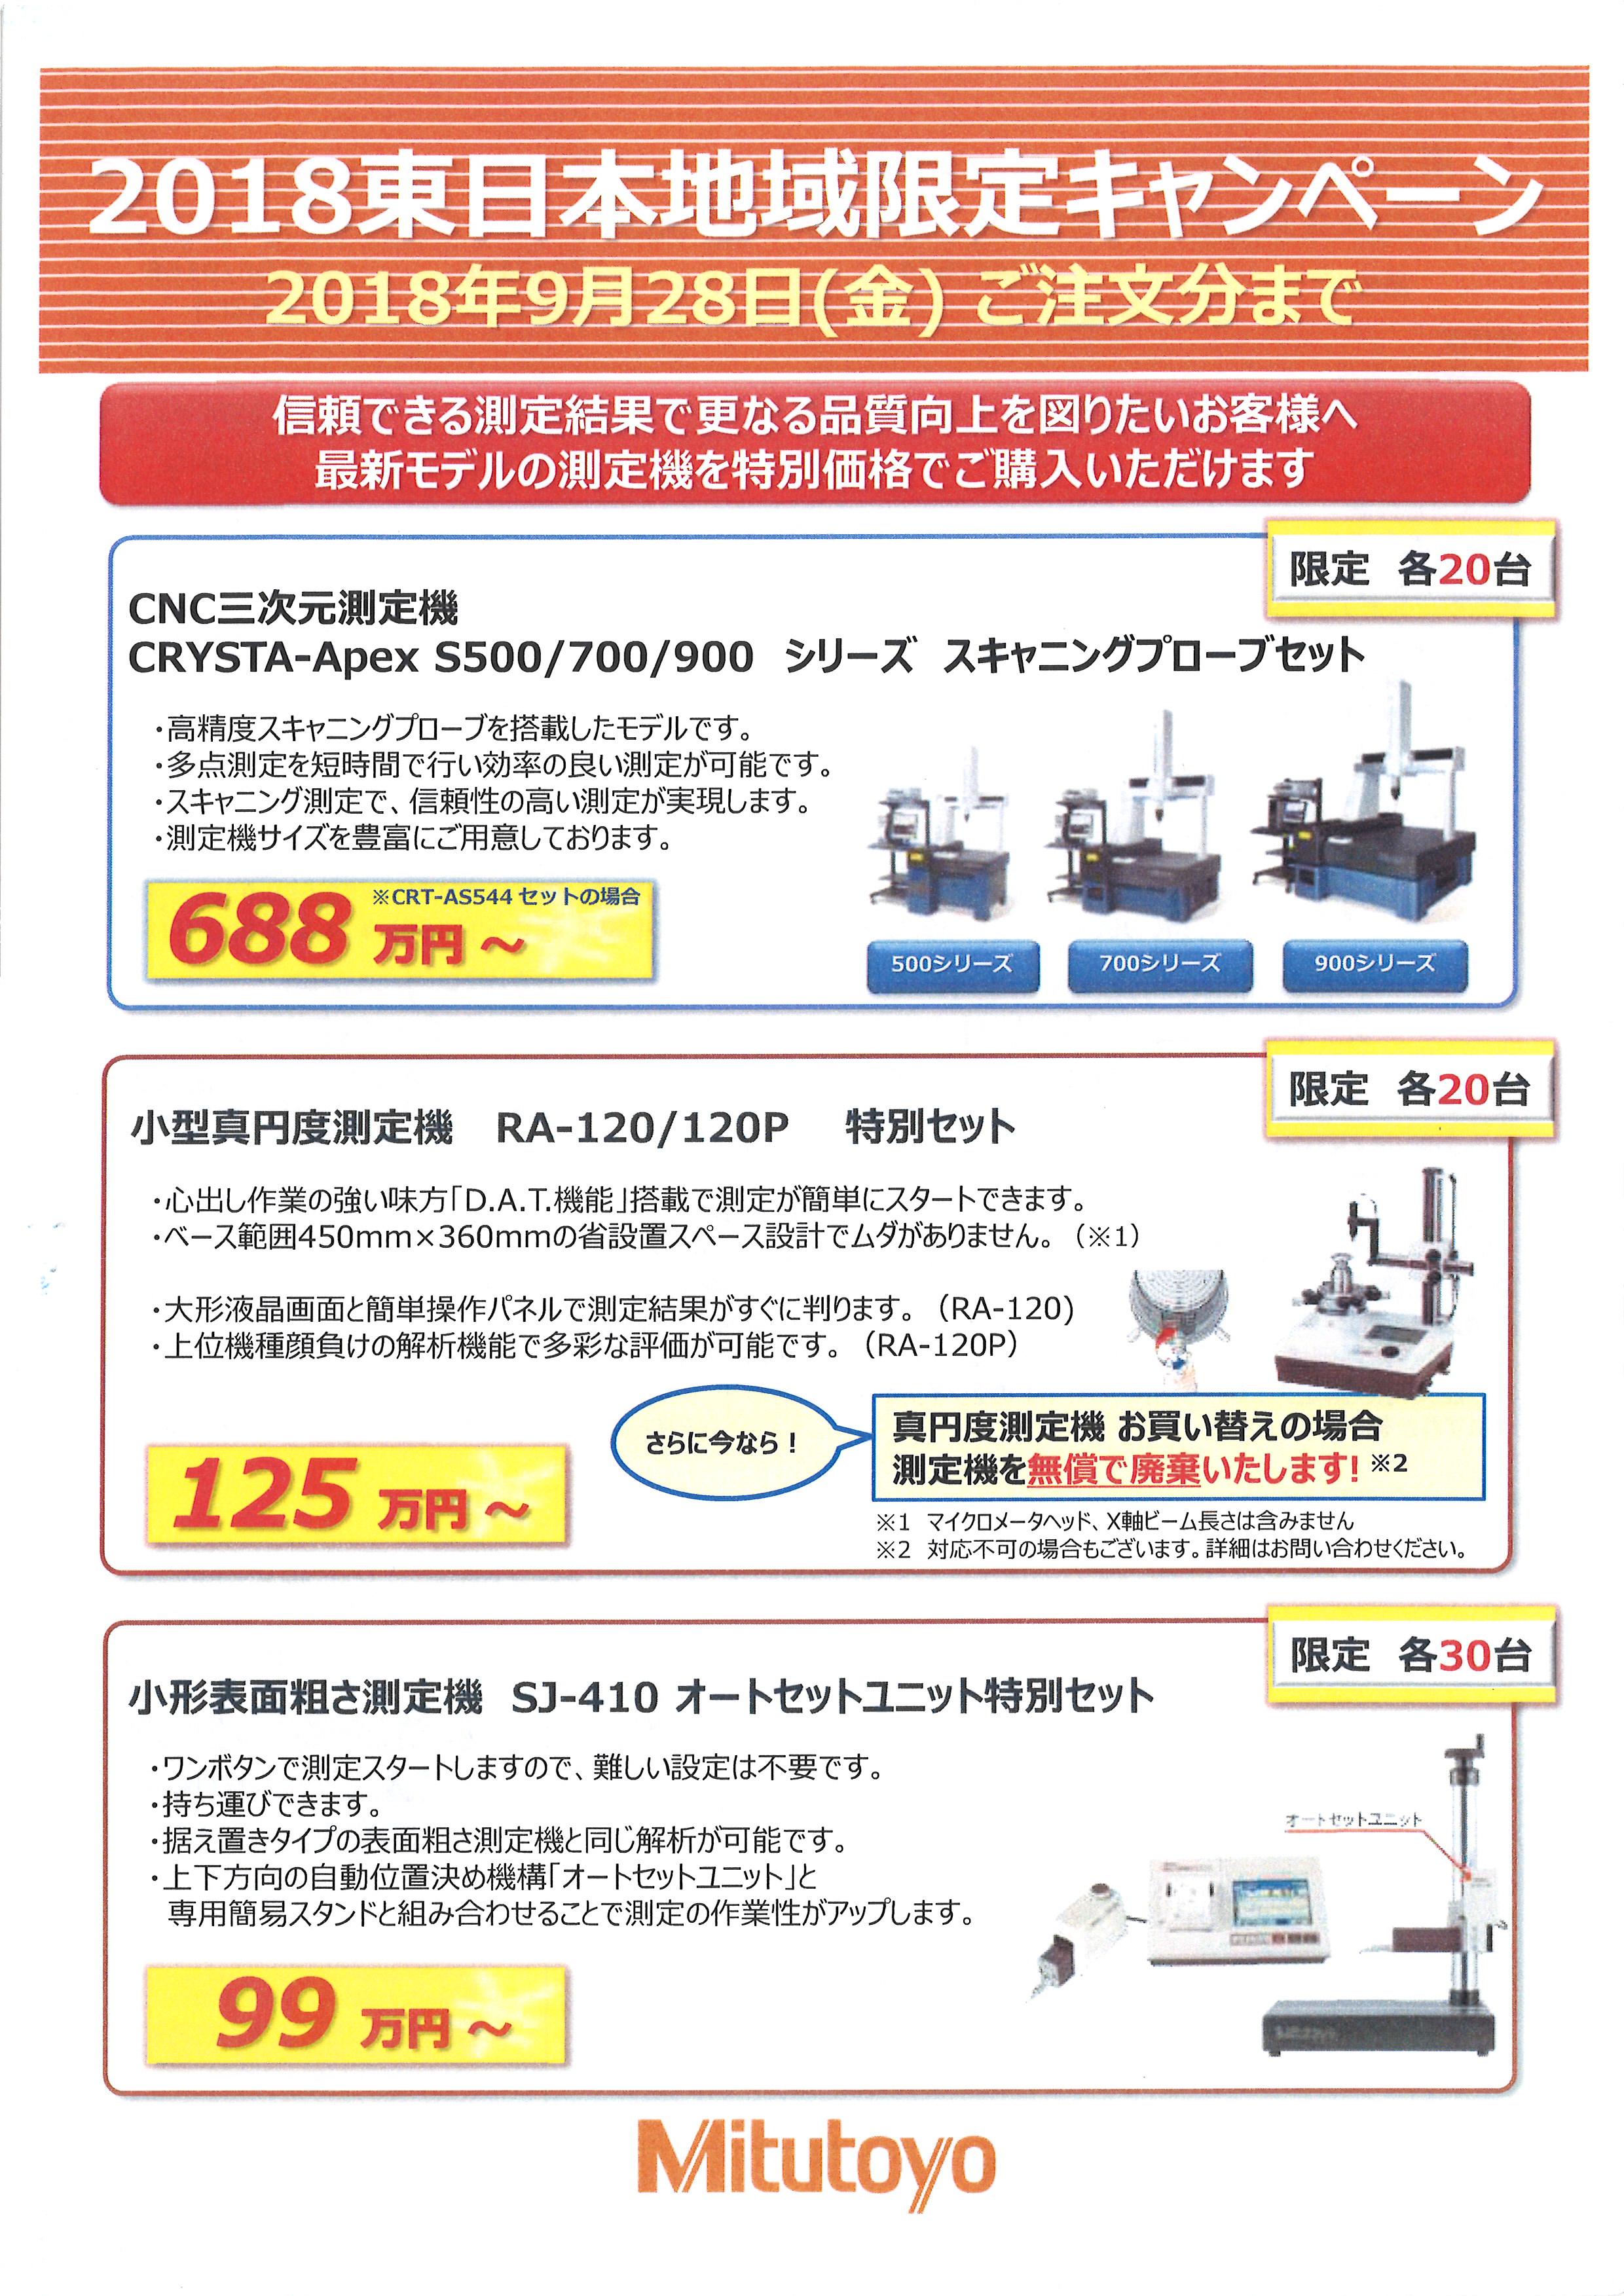 ミツトヨ「東日本地域限定キャンペーン」のお知らせ